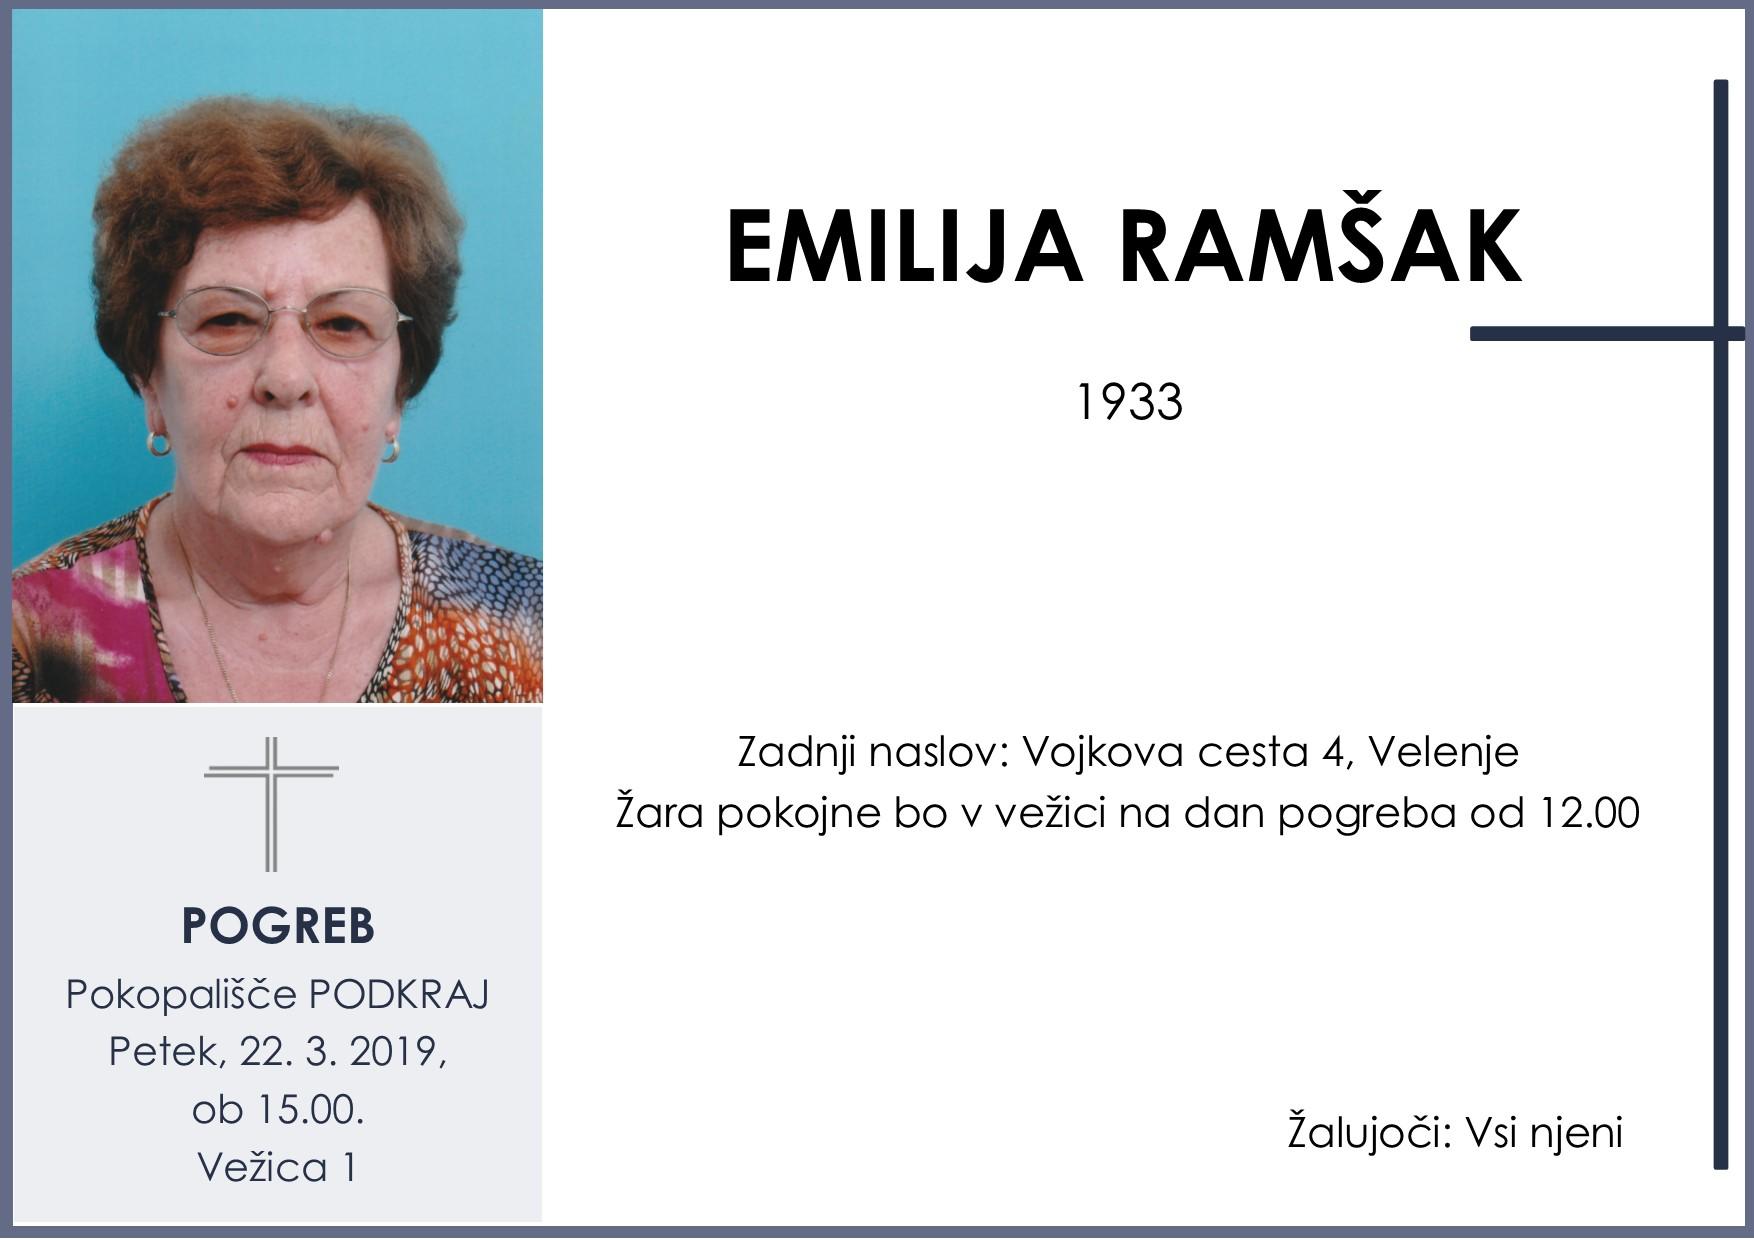 EMILIJA RAMŠAK, Podkraj, 22. 03. 2019